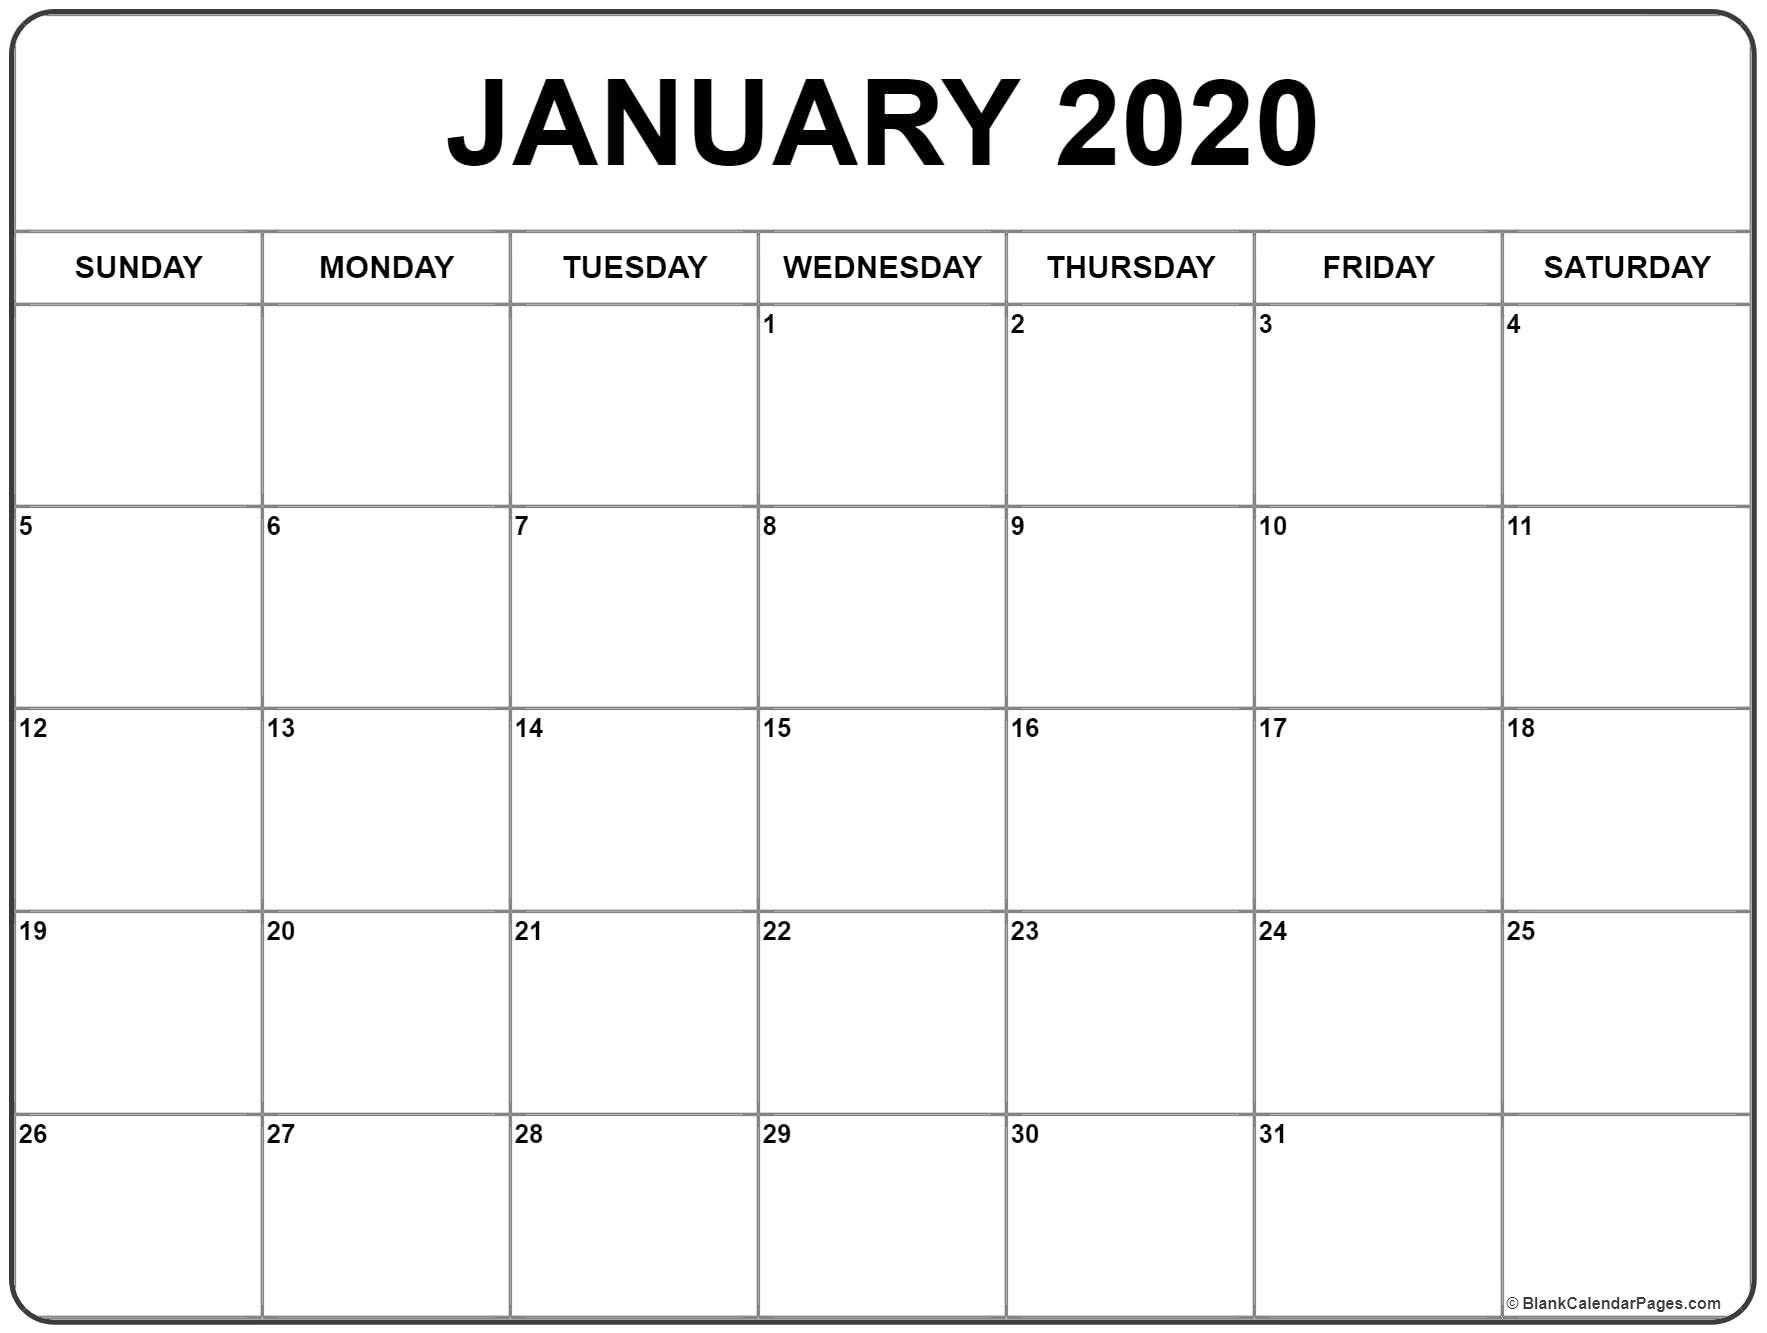 January 2020 Calendar B2 | Jcreview-January 2020 Calendar Full Moon